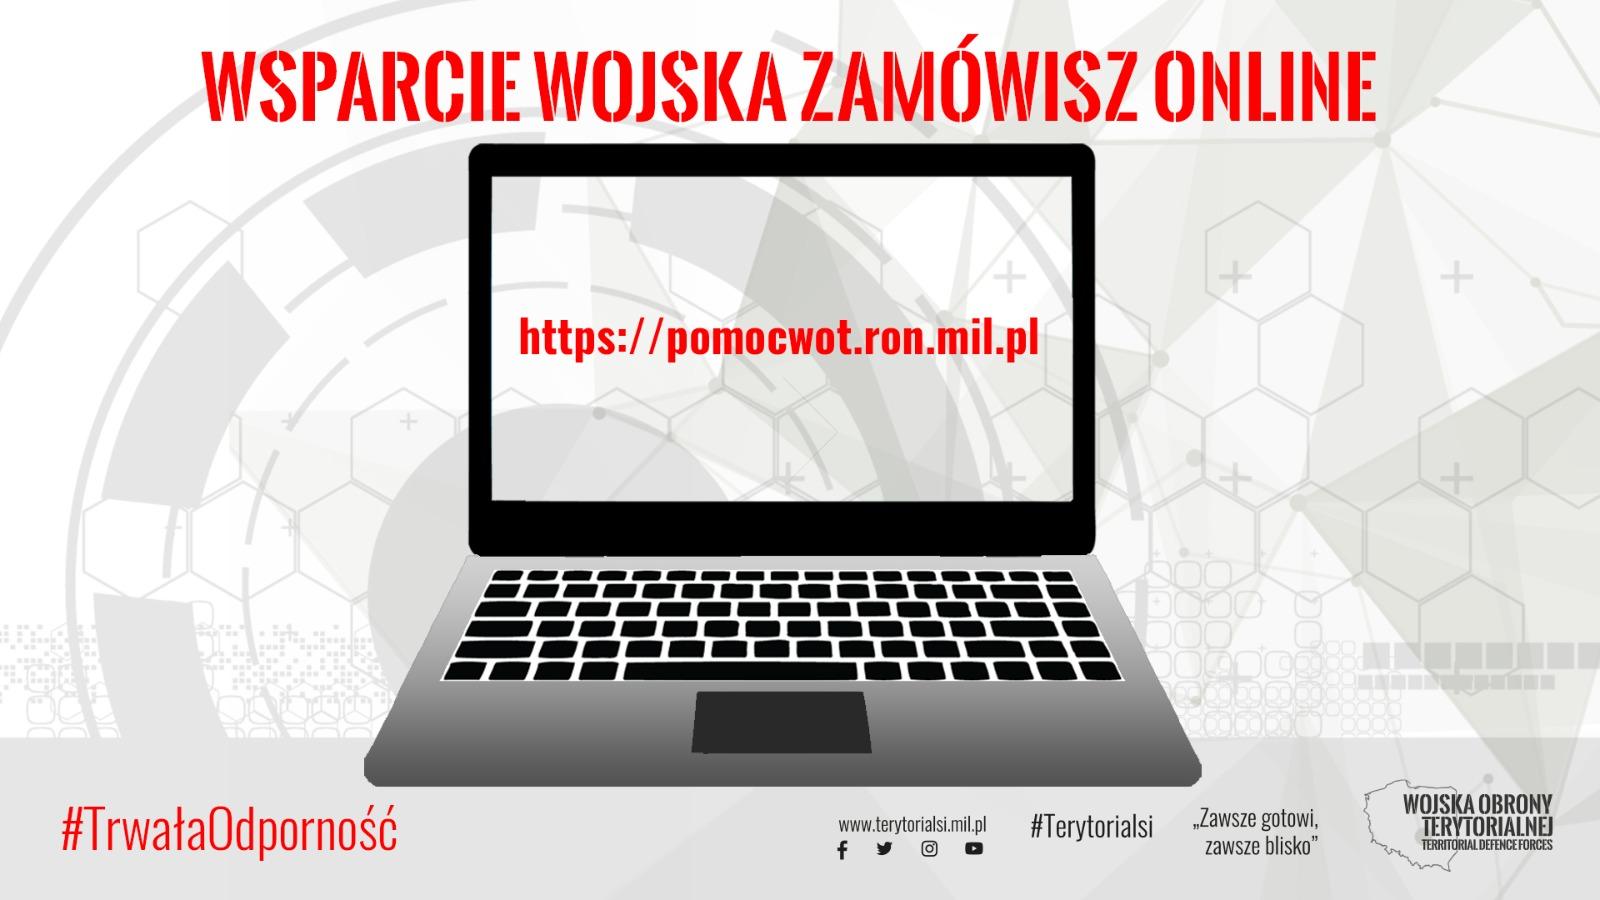 Wsparcie od WOT zamówisz on-line  - Zdjęcie główne